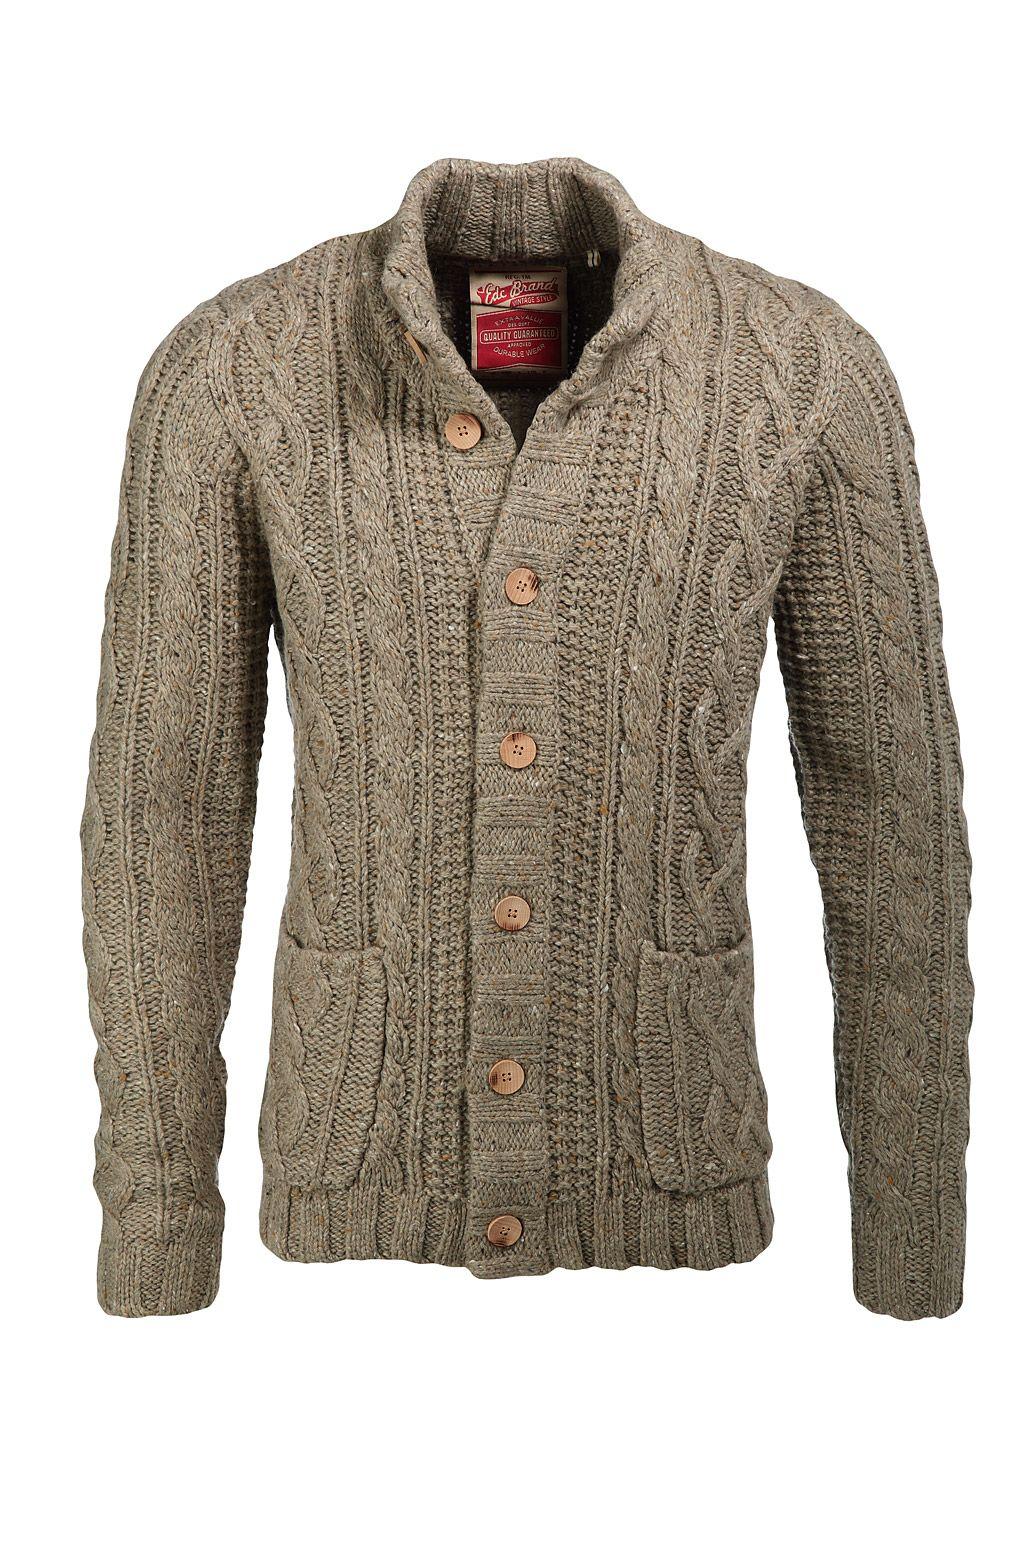 6ffbf927c8c8b4 Grobstrick Cardigan EDC - Esprit Online-Shop